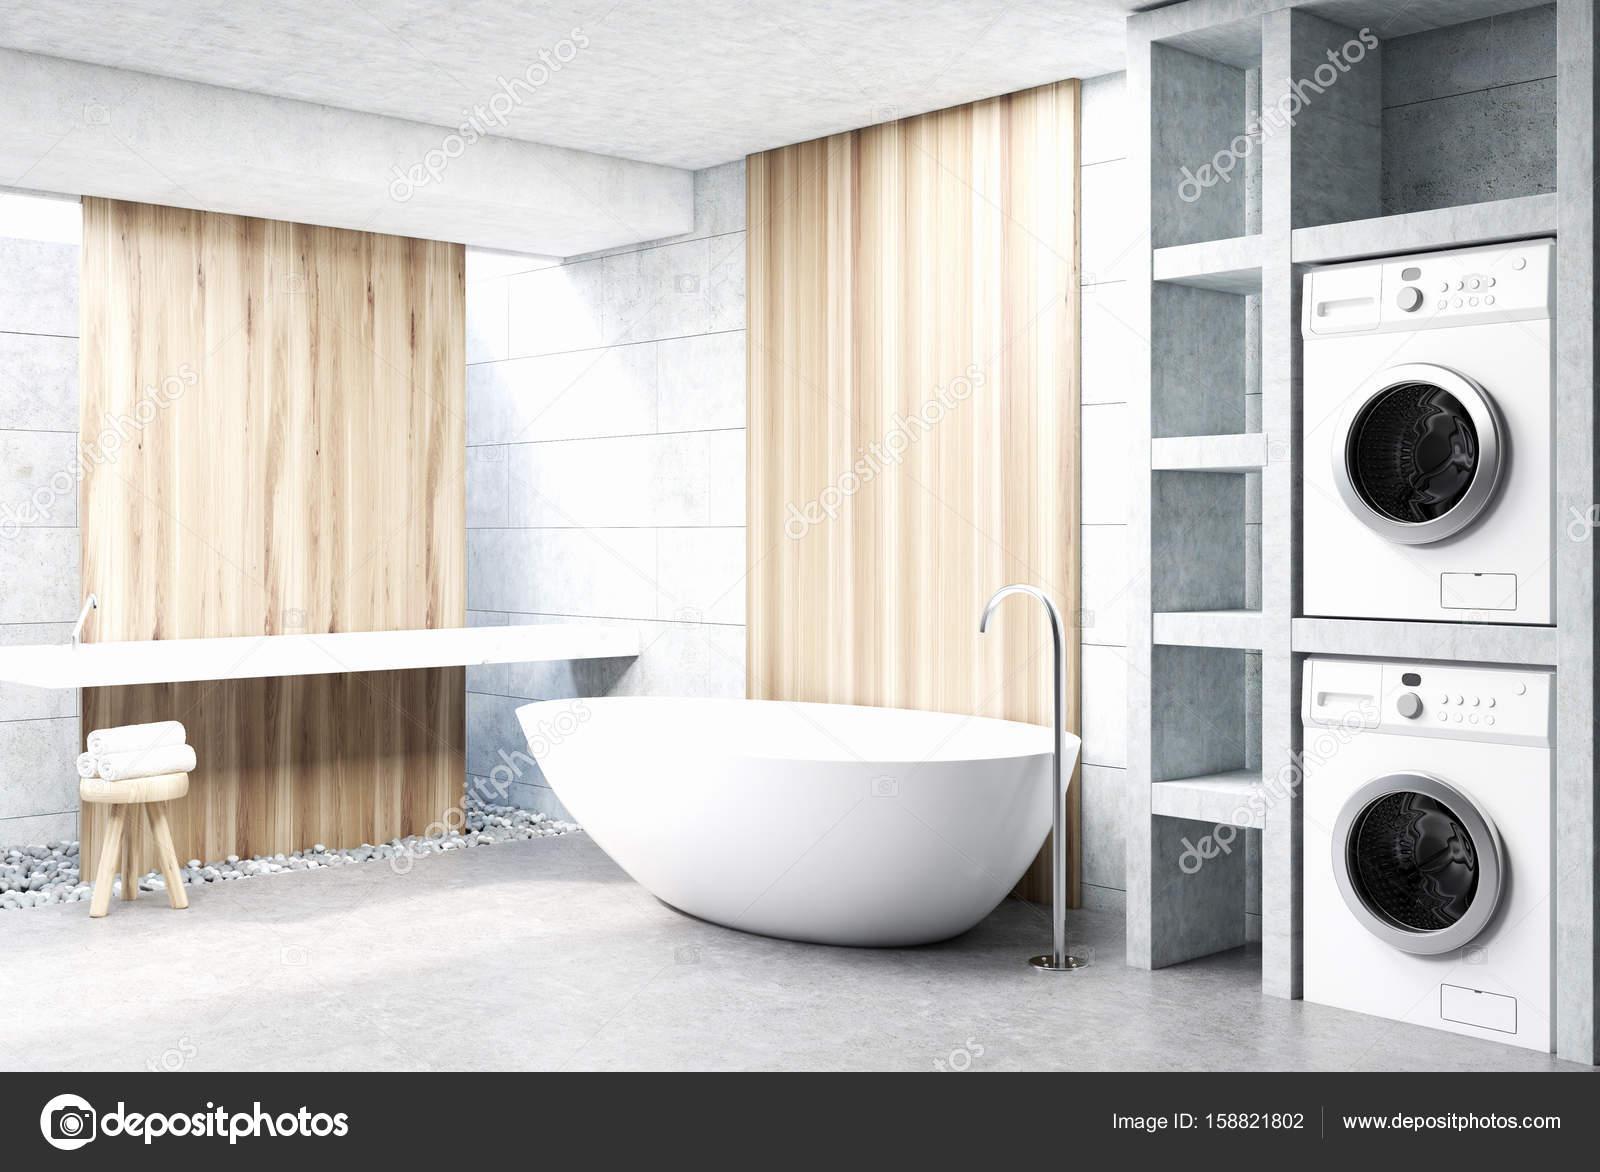 Waschmaschine Badezimmer Holz Stockfoto C Denisismagilov 158821802